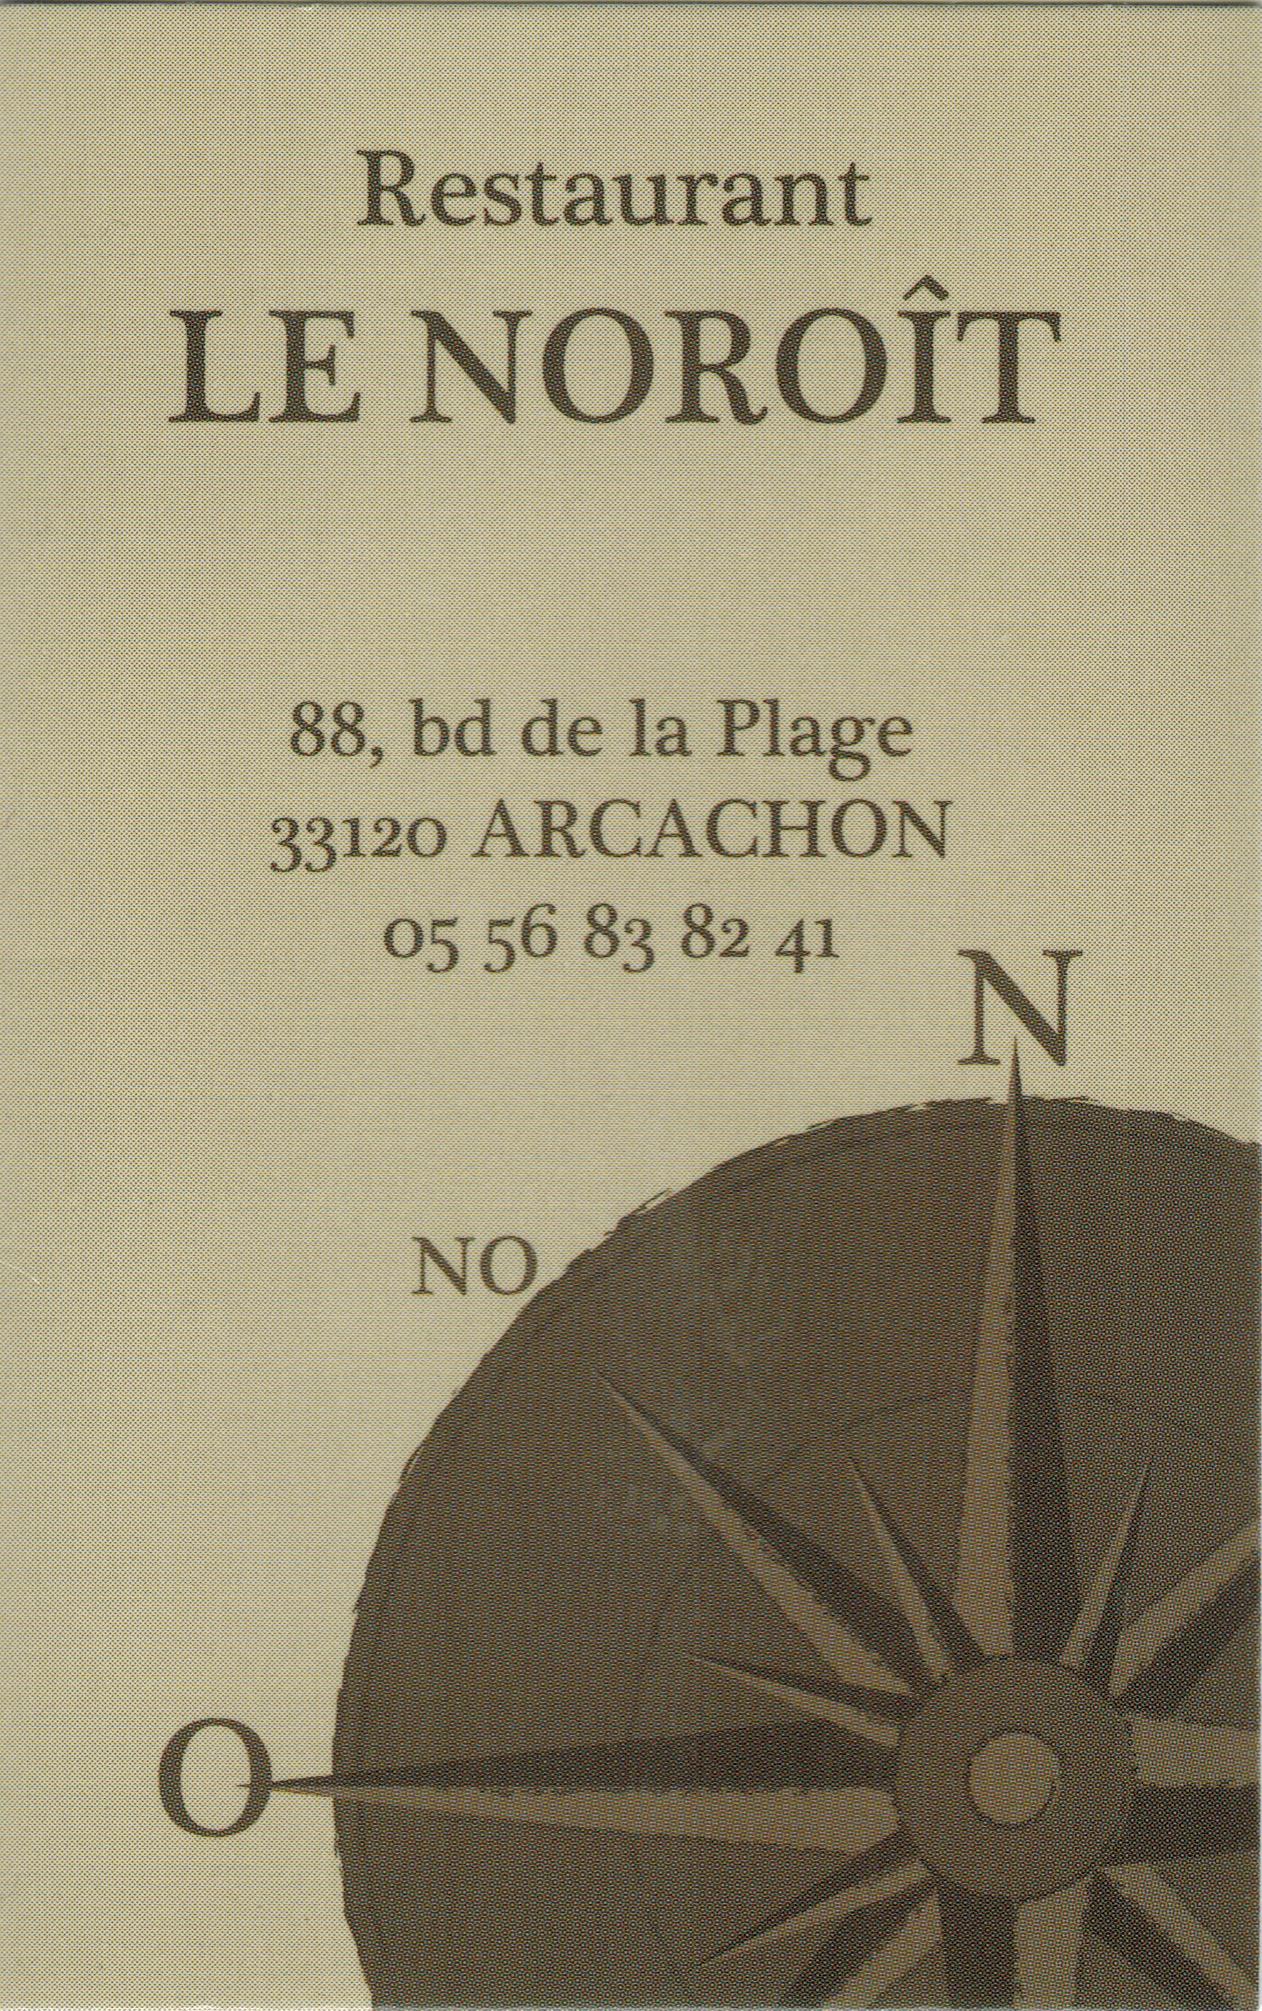 LE NOROÎT